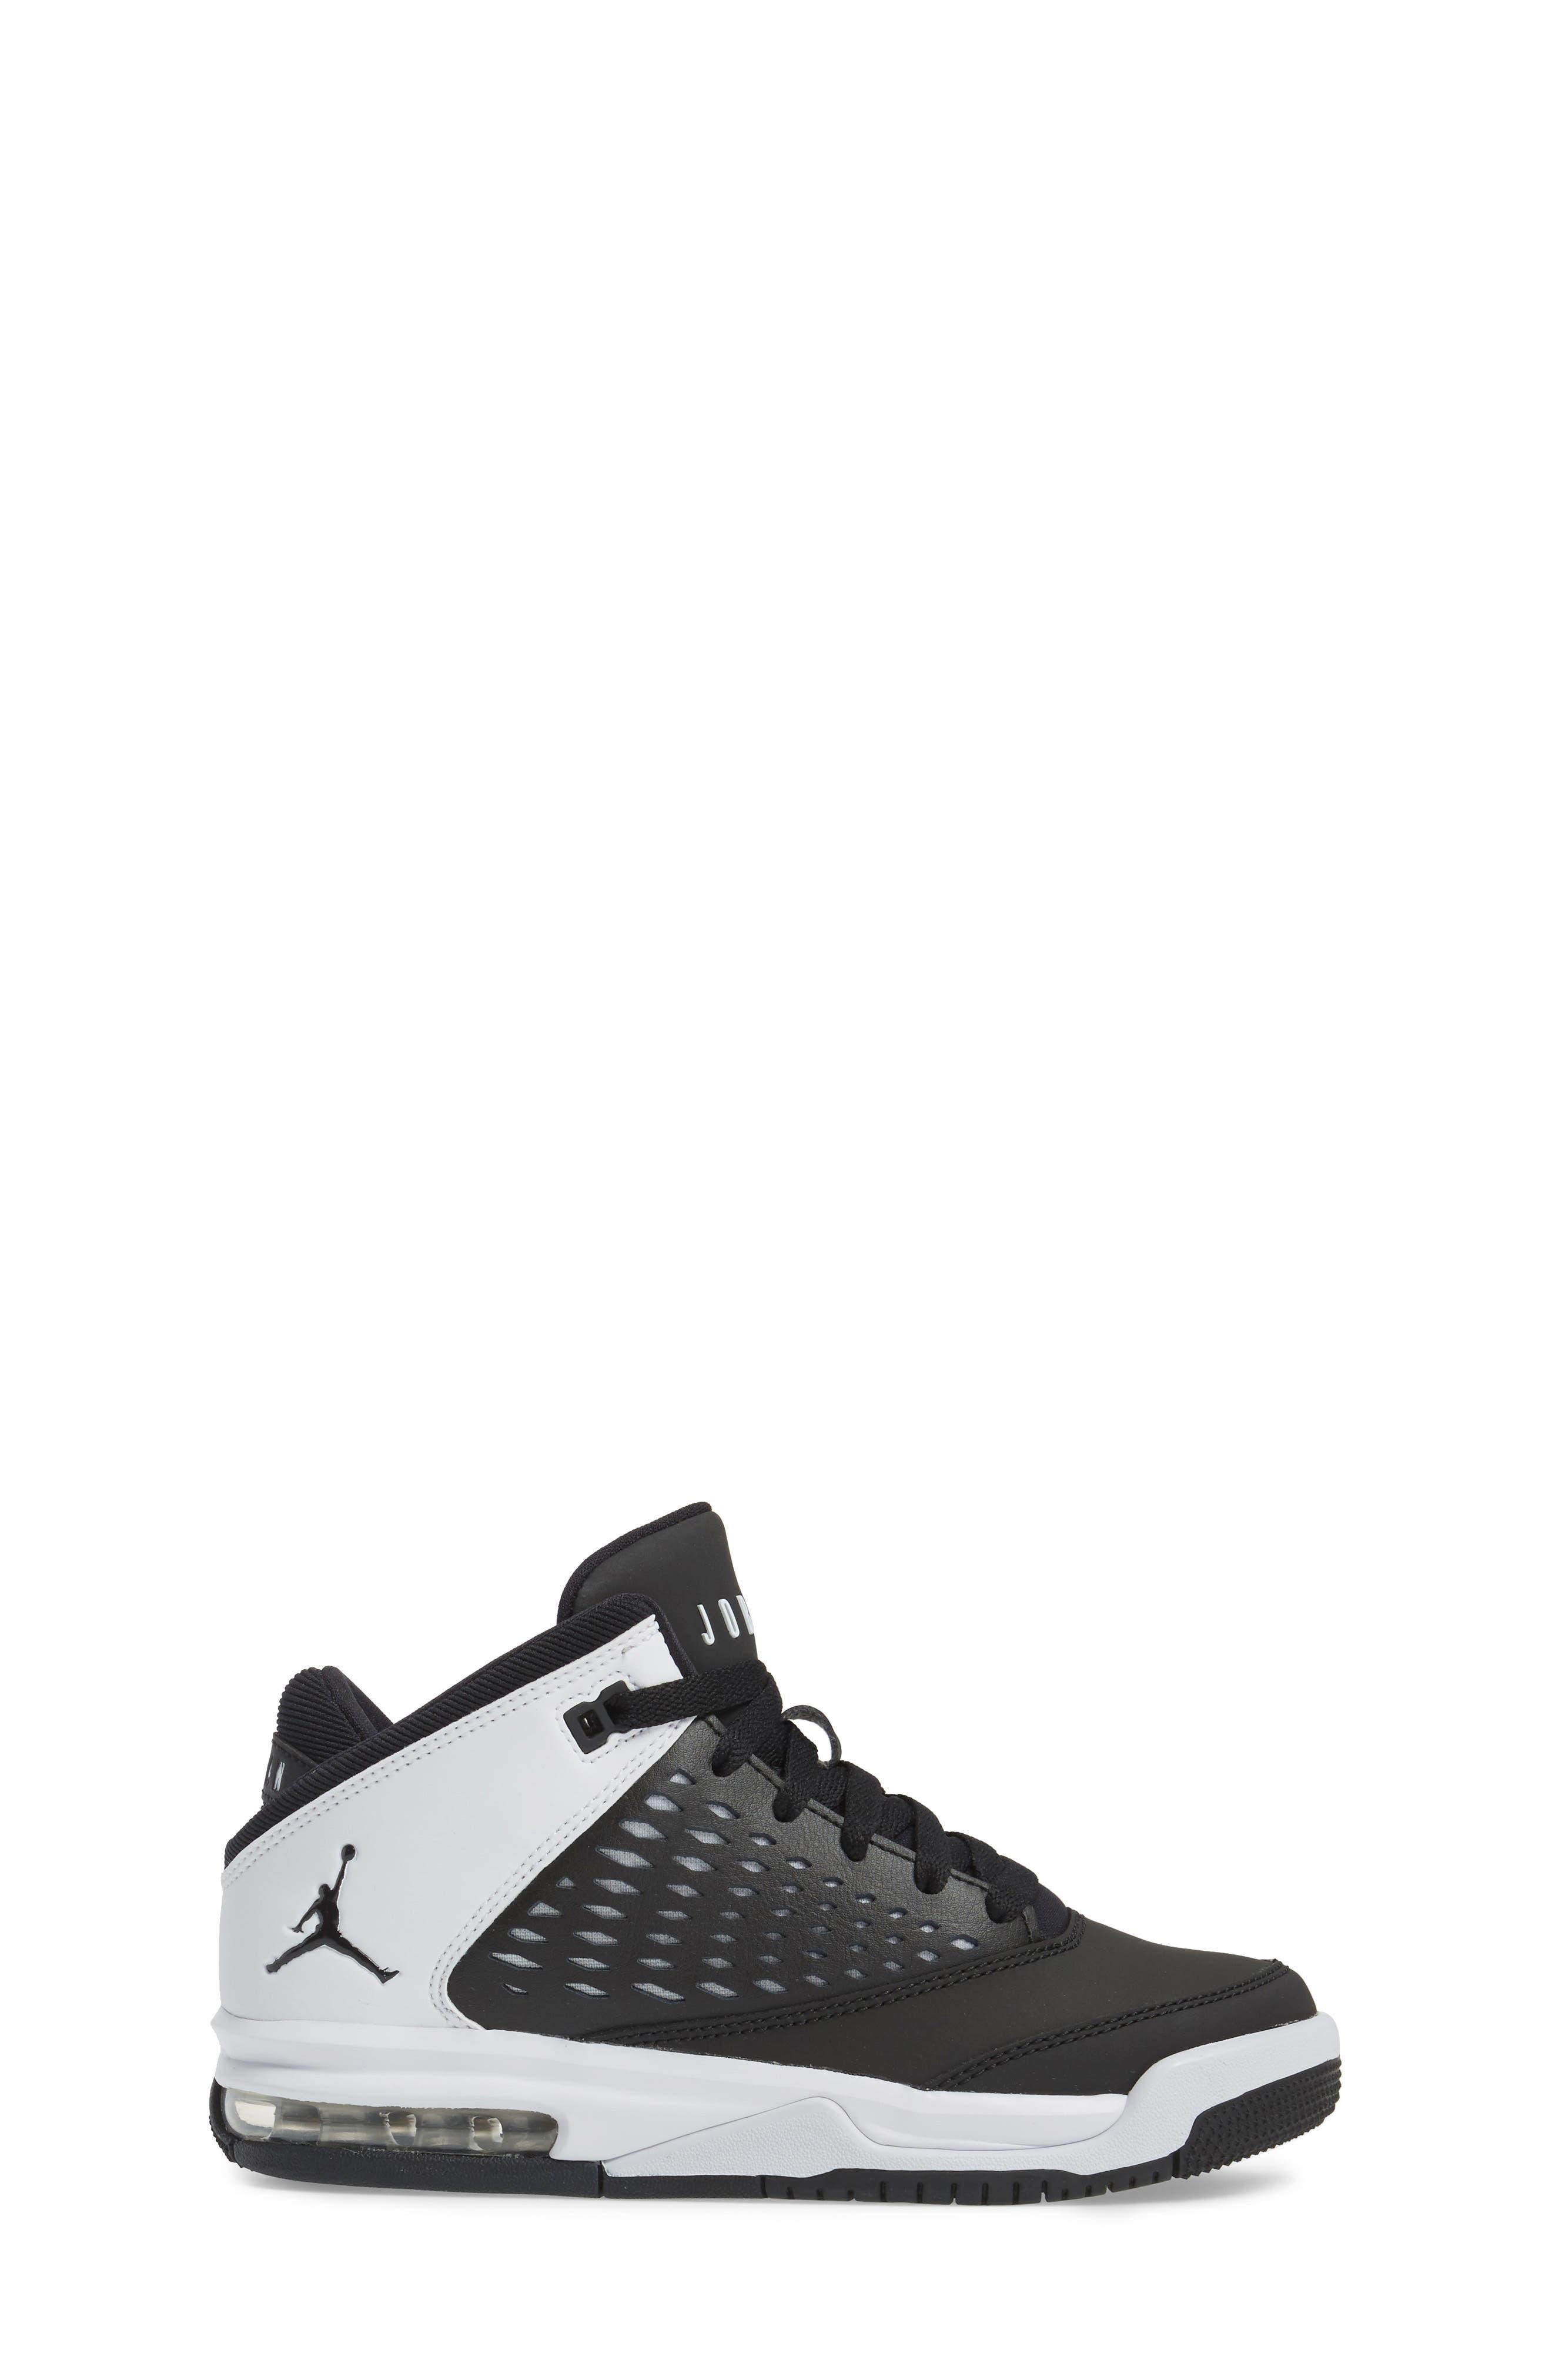 Alternate Image 3  - Nike Jordan Flight Origin Sneaker (Big Kid)